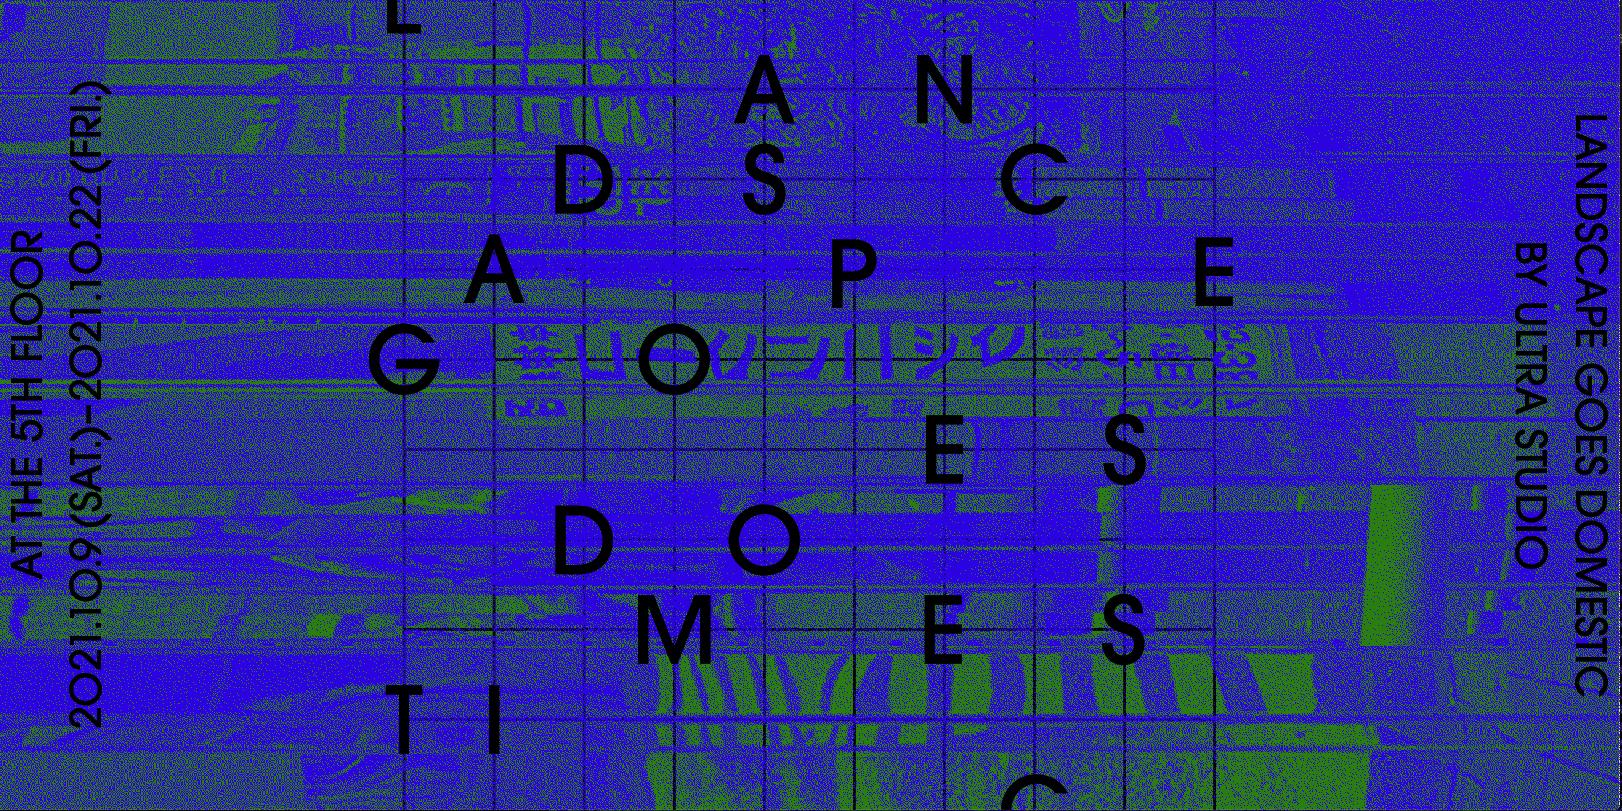 ULTRA STUDIOの個展「LANDSCAPE GOES DOMESTIC」10/23(土)まで